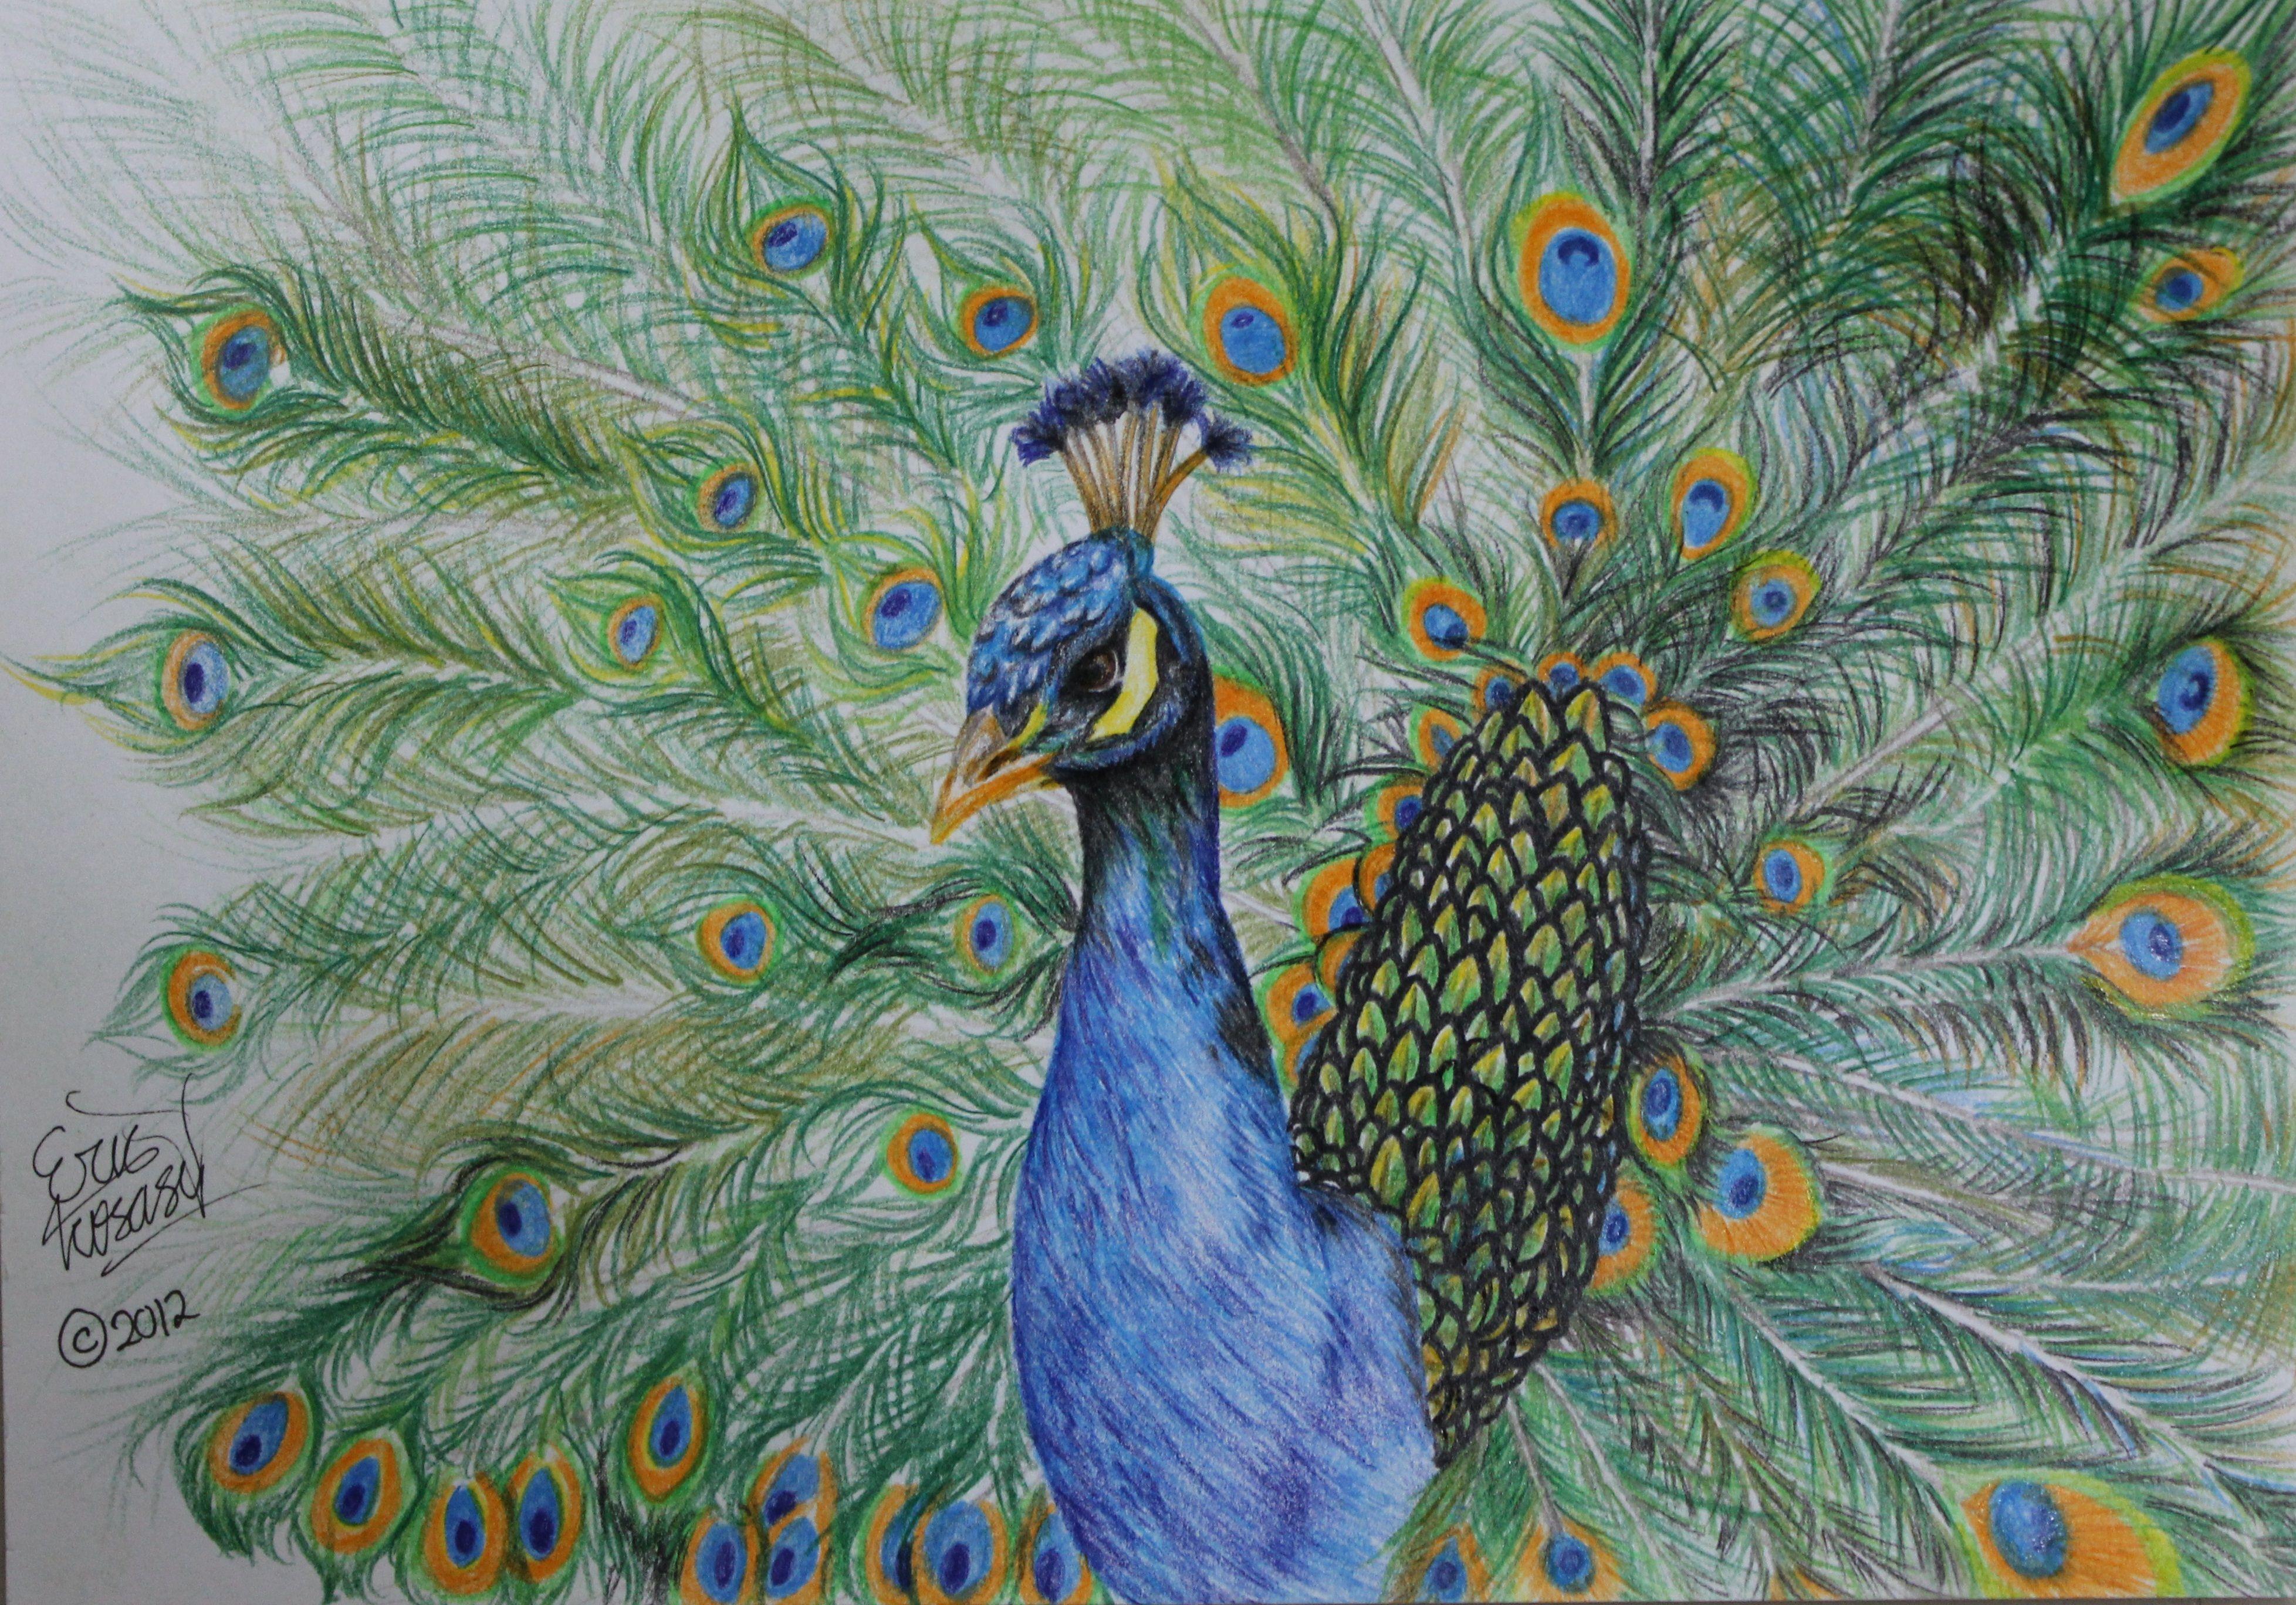 3913x2736 Beautiful Peacock Drawing By Kokosasih Best Peacock Drawing